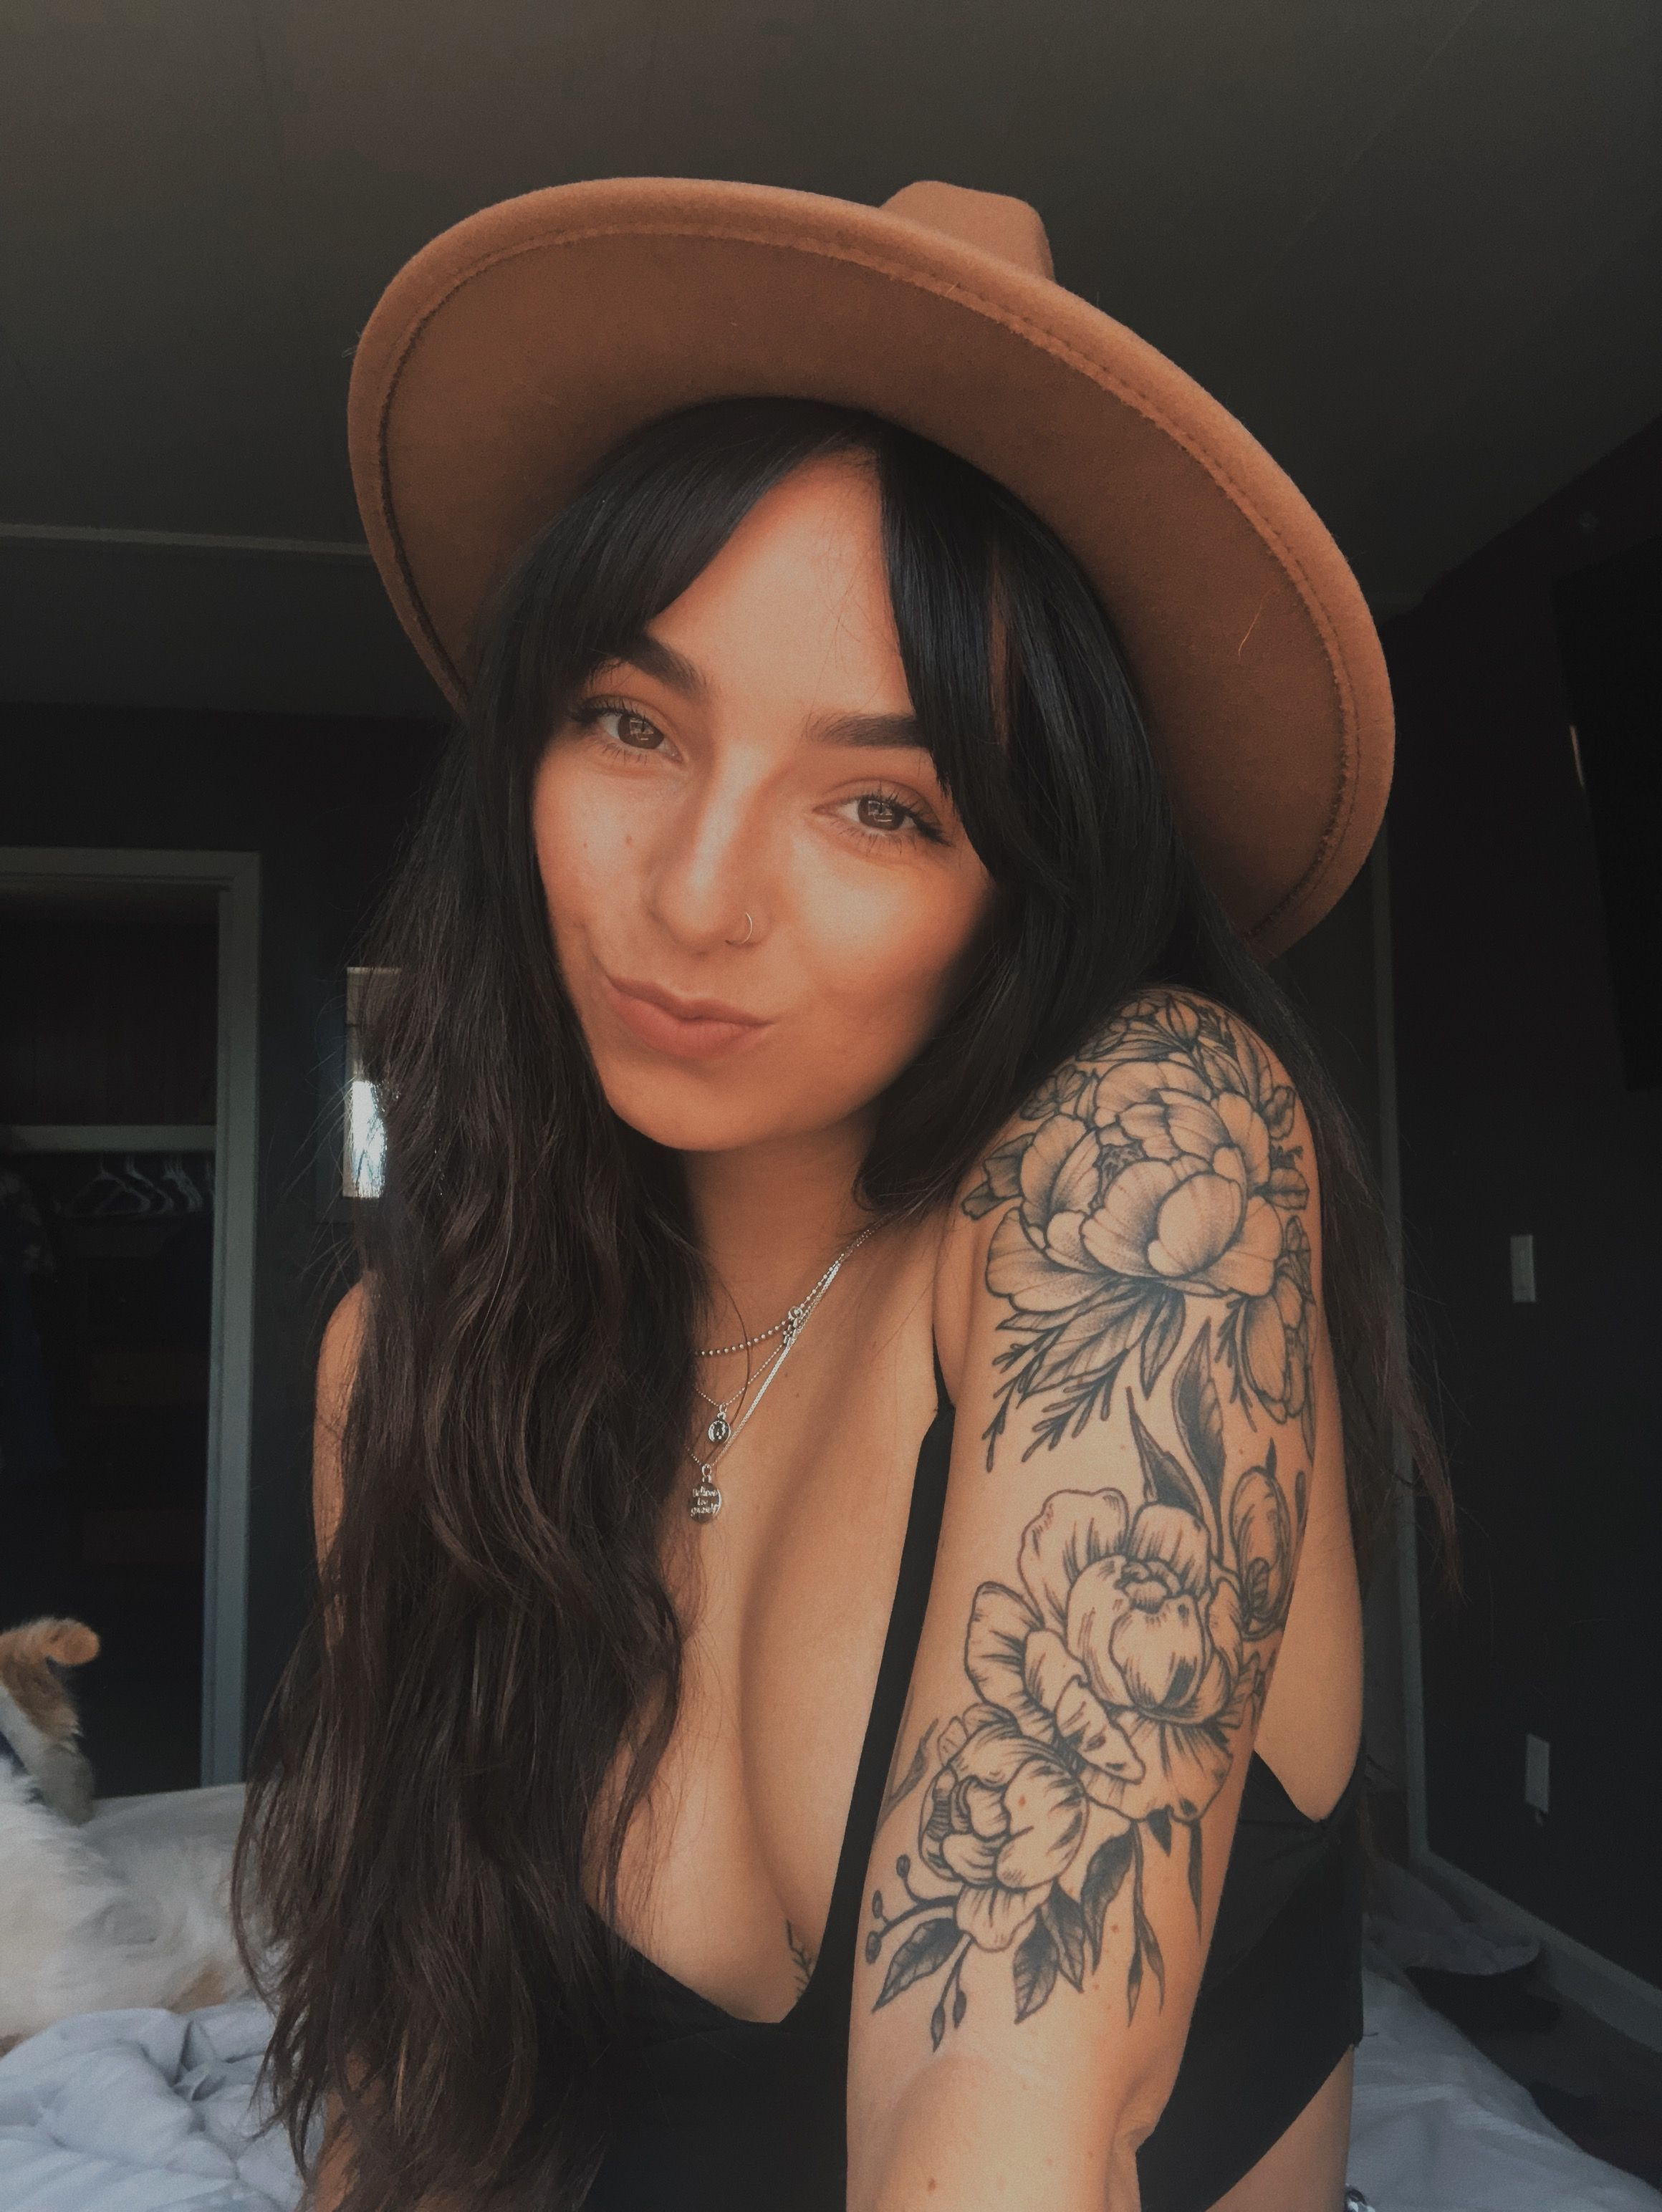 Tätowierungsart –   girlswithtattoos  tattoos  floraltattoo  ponytattoo  Päonien   –